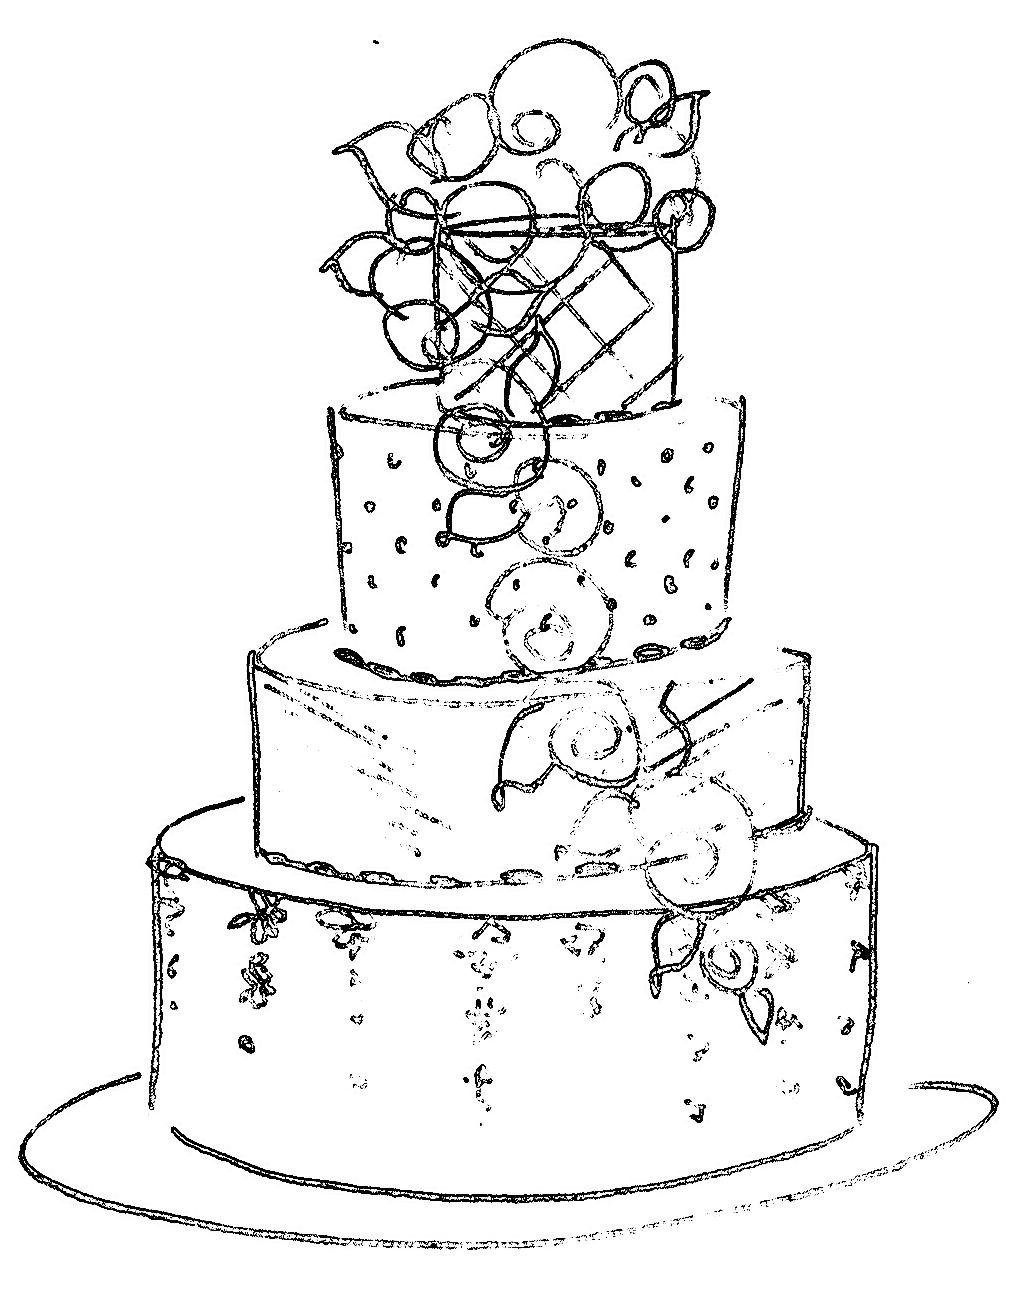 Post your wedding cakes! fun fun!